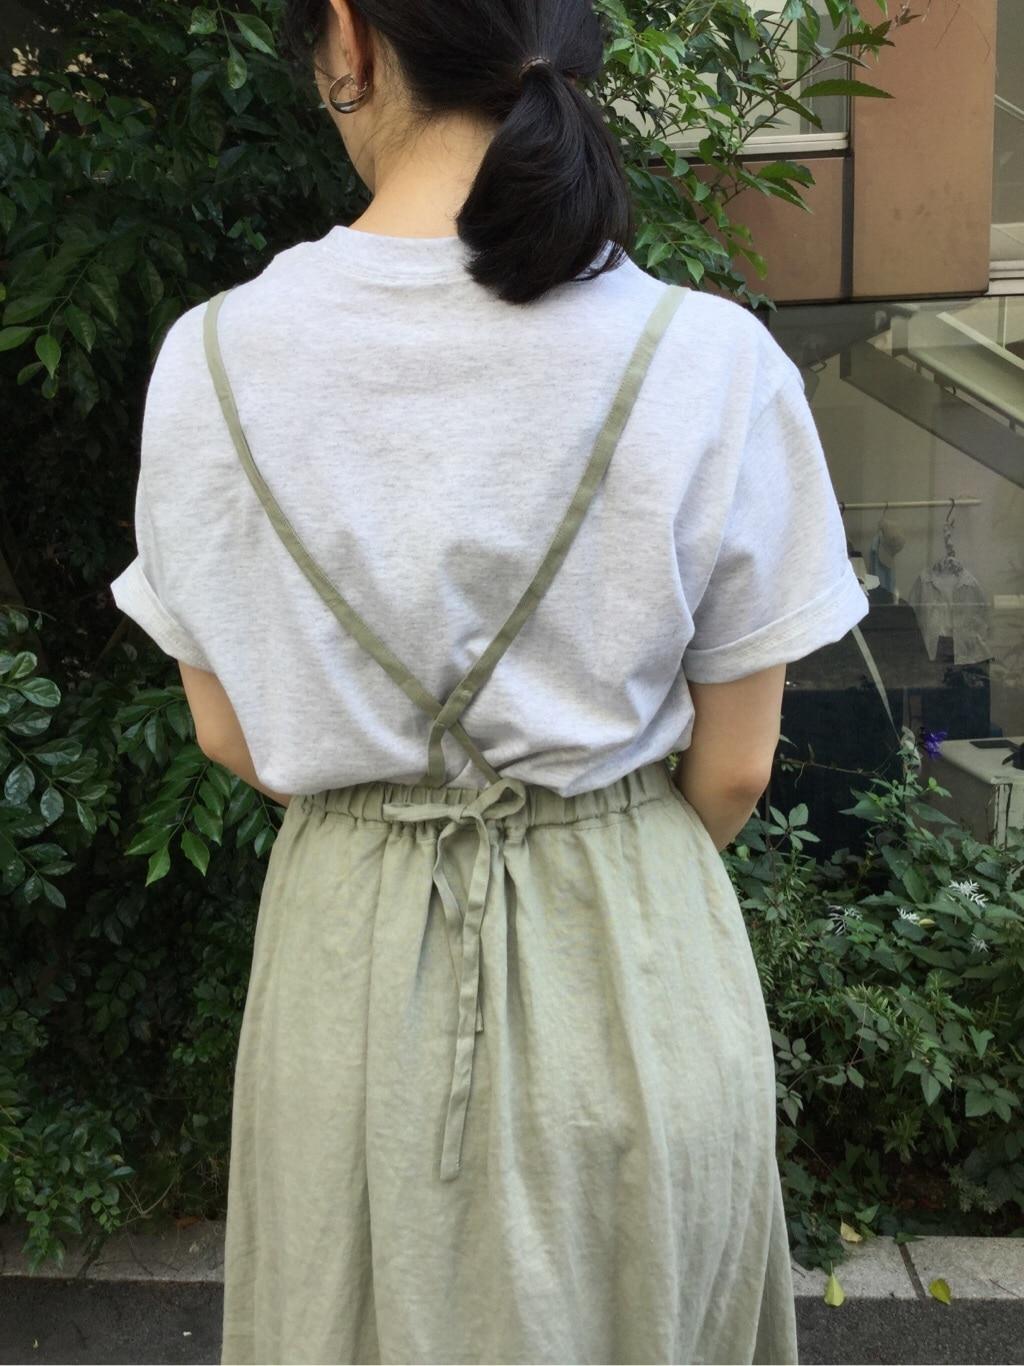 l'atelier du savon 代官山路面 身長:157cm 2020.06.10